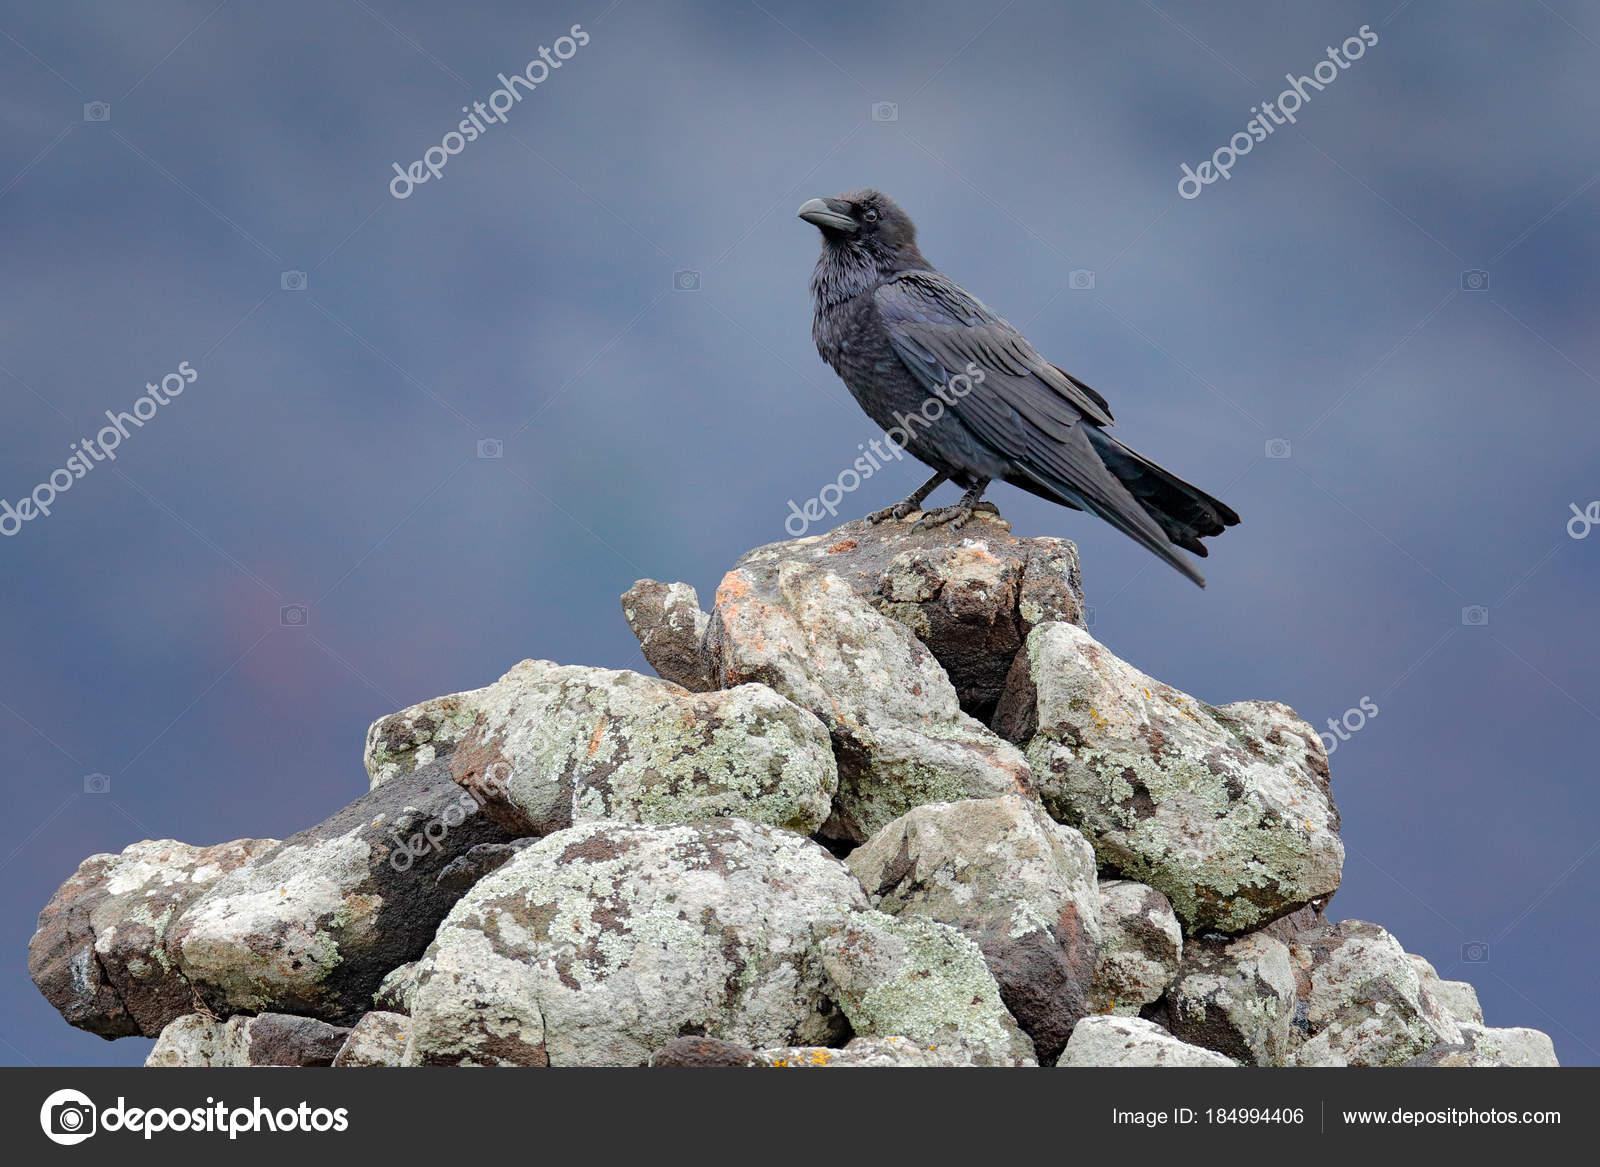 Φωτογραφία του μεγάλο μαύρο πουλί